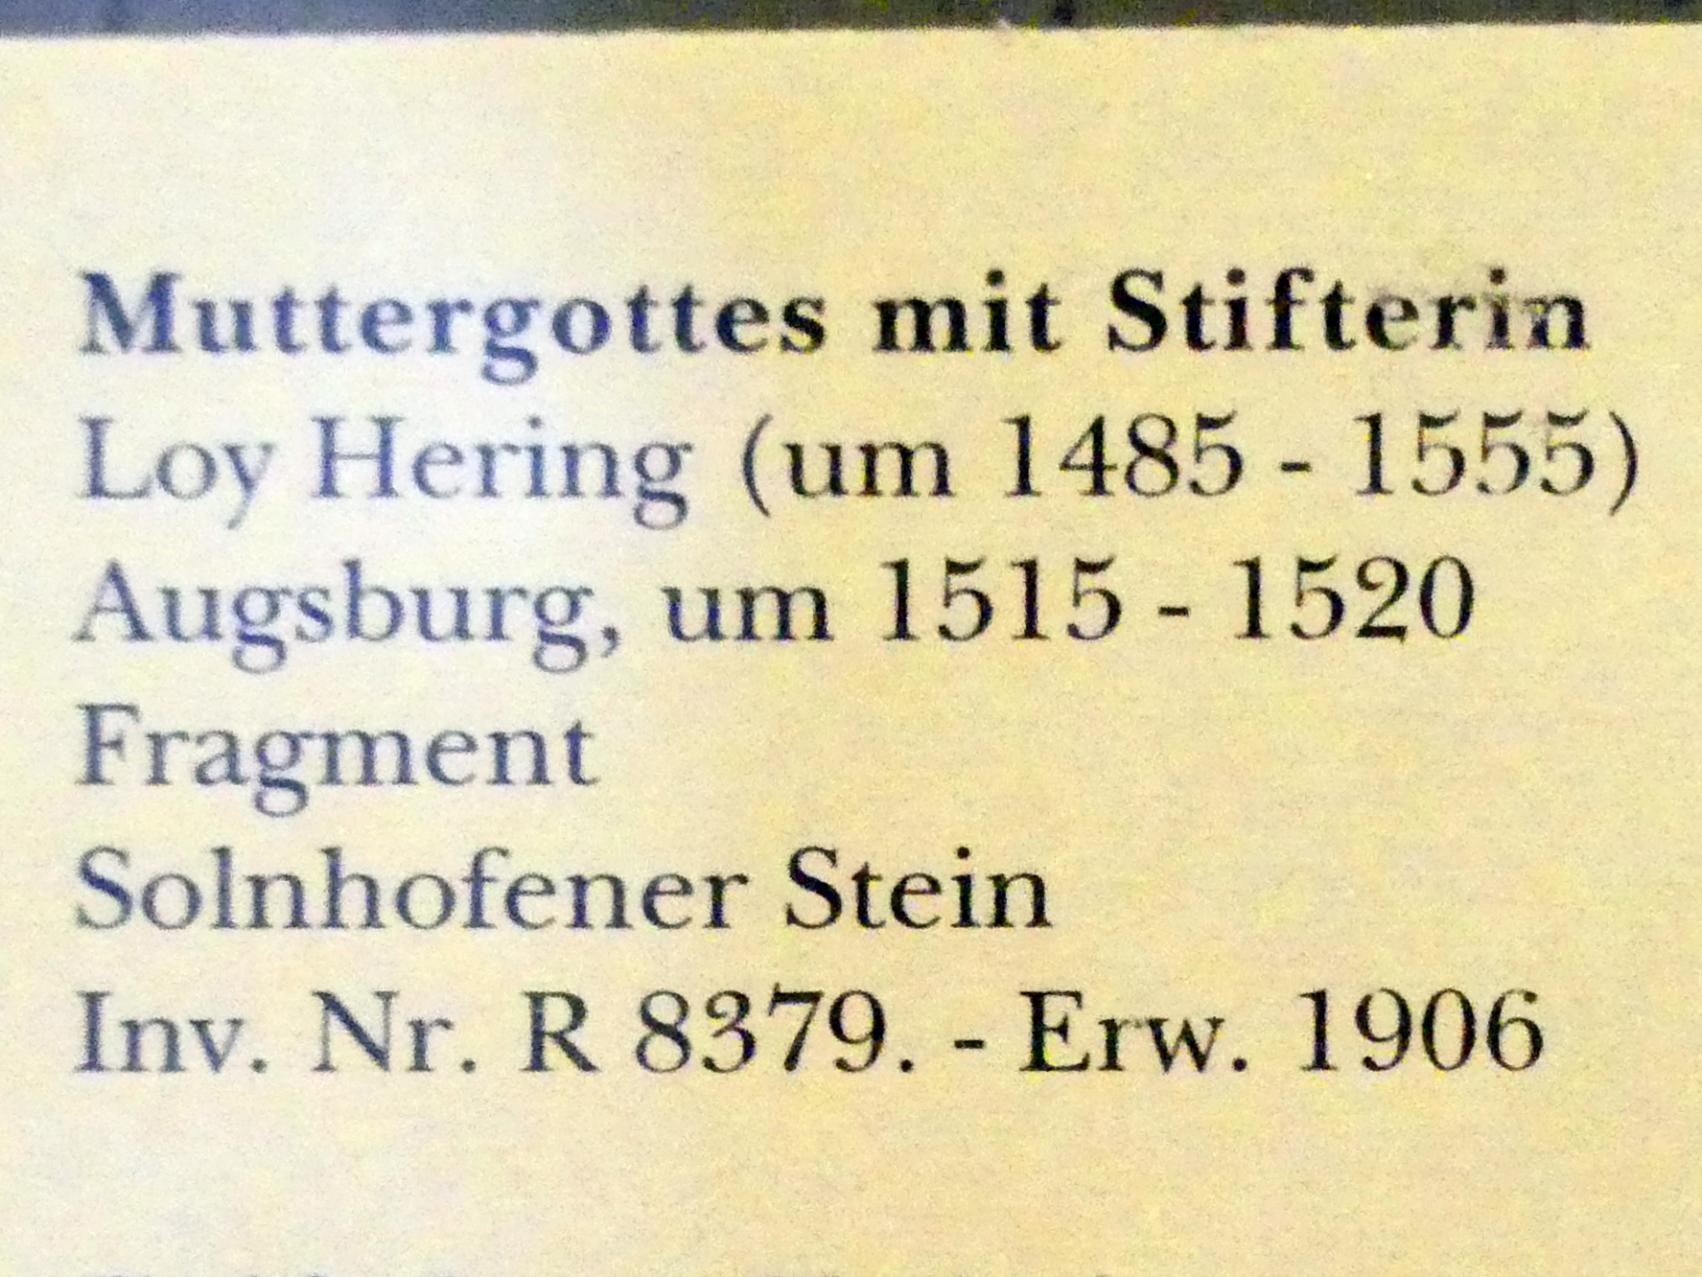 Loy Hering: Muttergottes mit Stifterin (Fragment), um 1515 - 1520, Bild 2/2